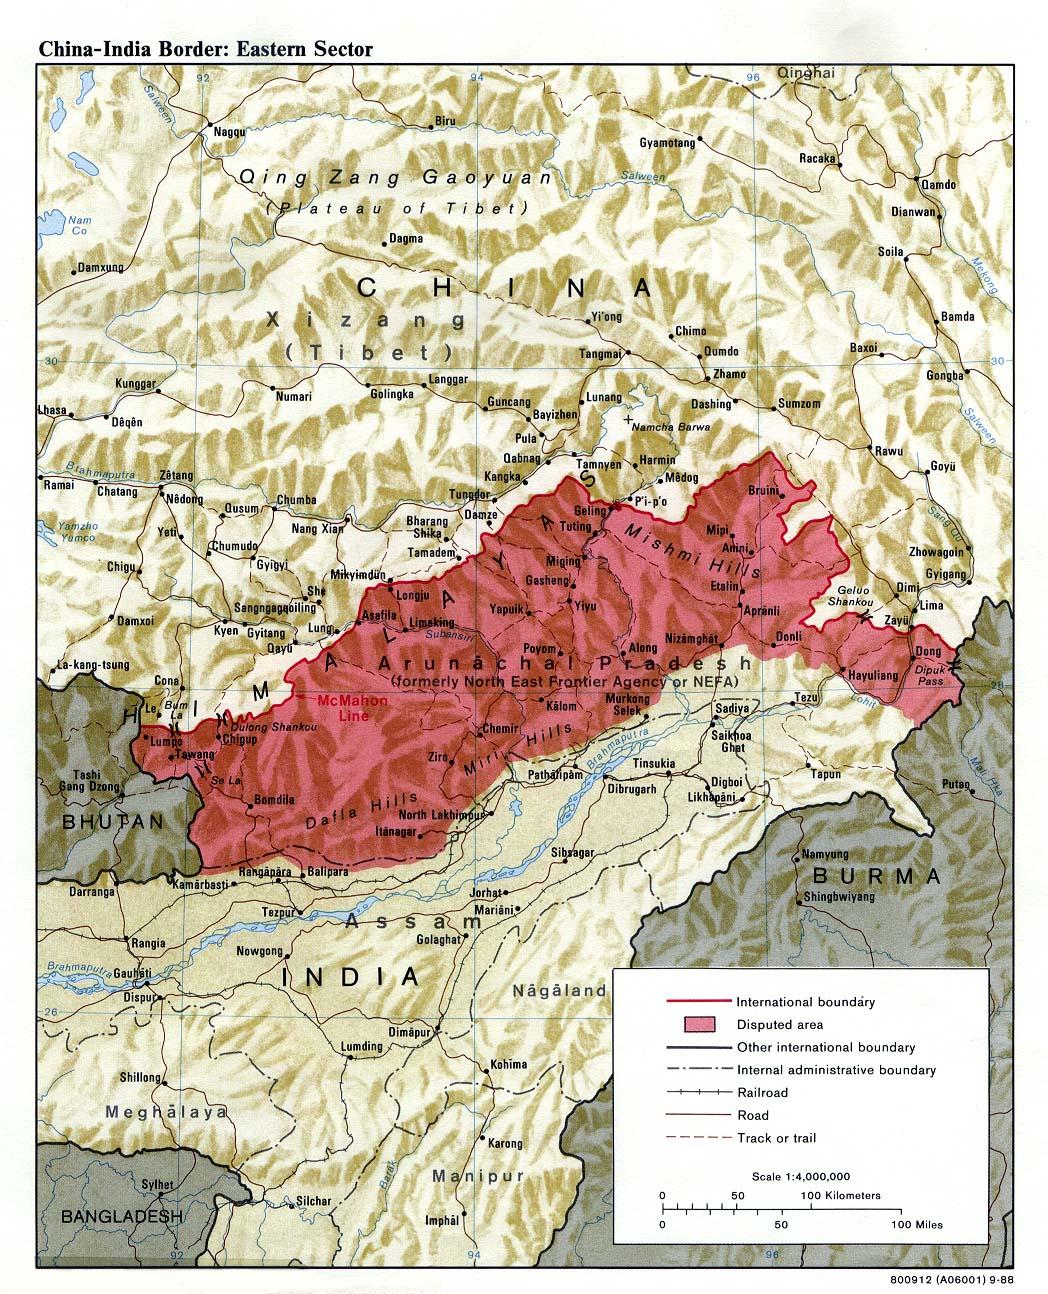 Les territoires disputés de la NEFA (aujourd'hui État d'Arunachal Pradesh) suivant la ligne McMahon © Université d'Austin, Texas